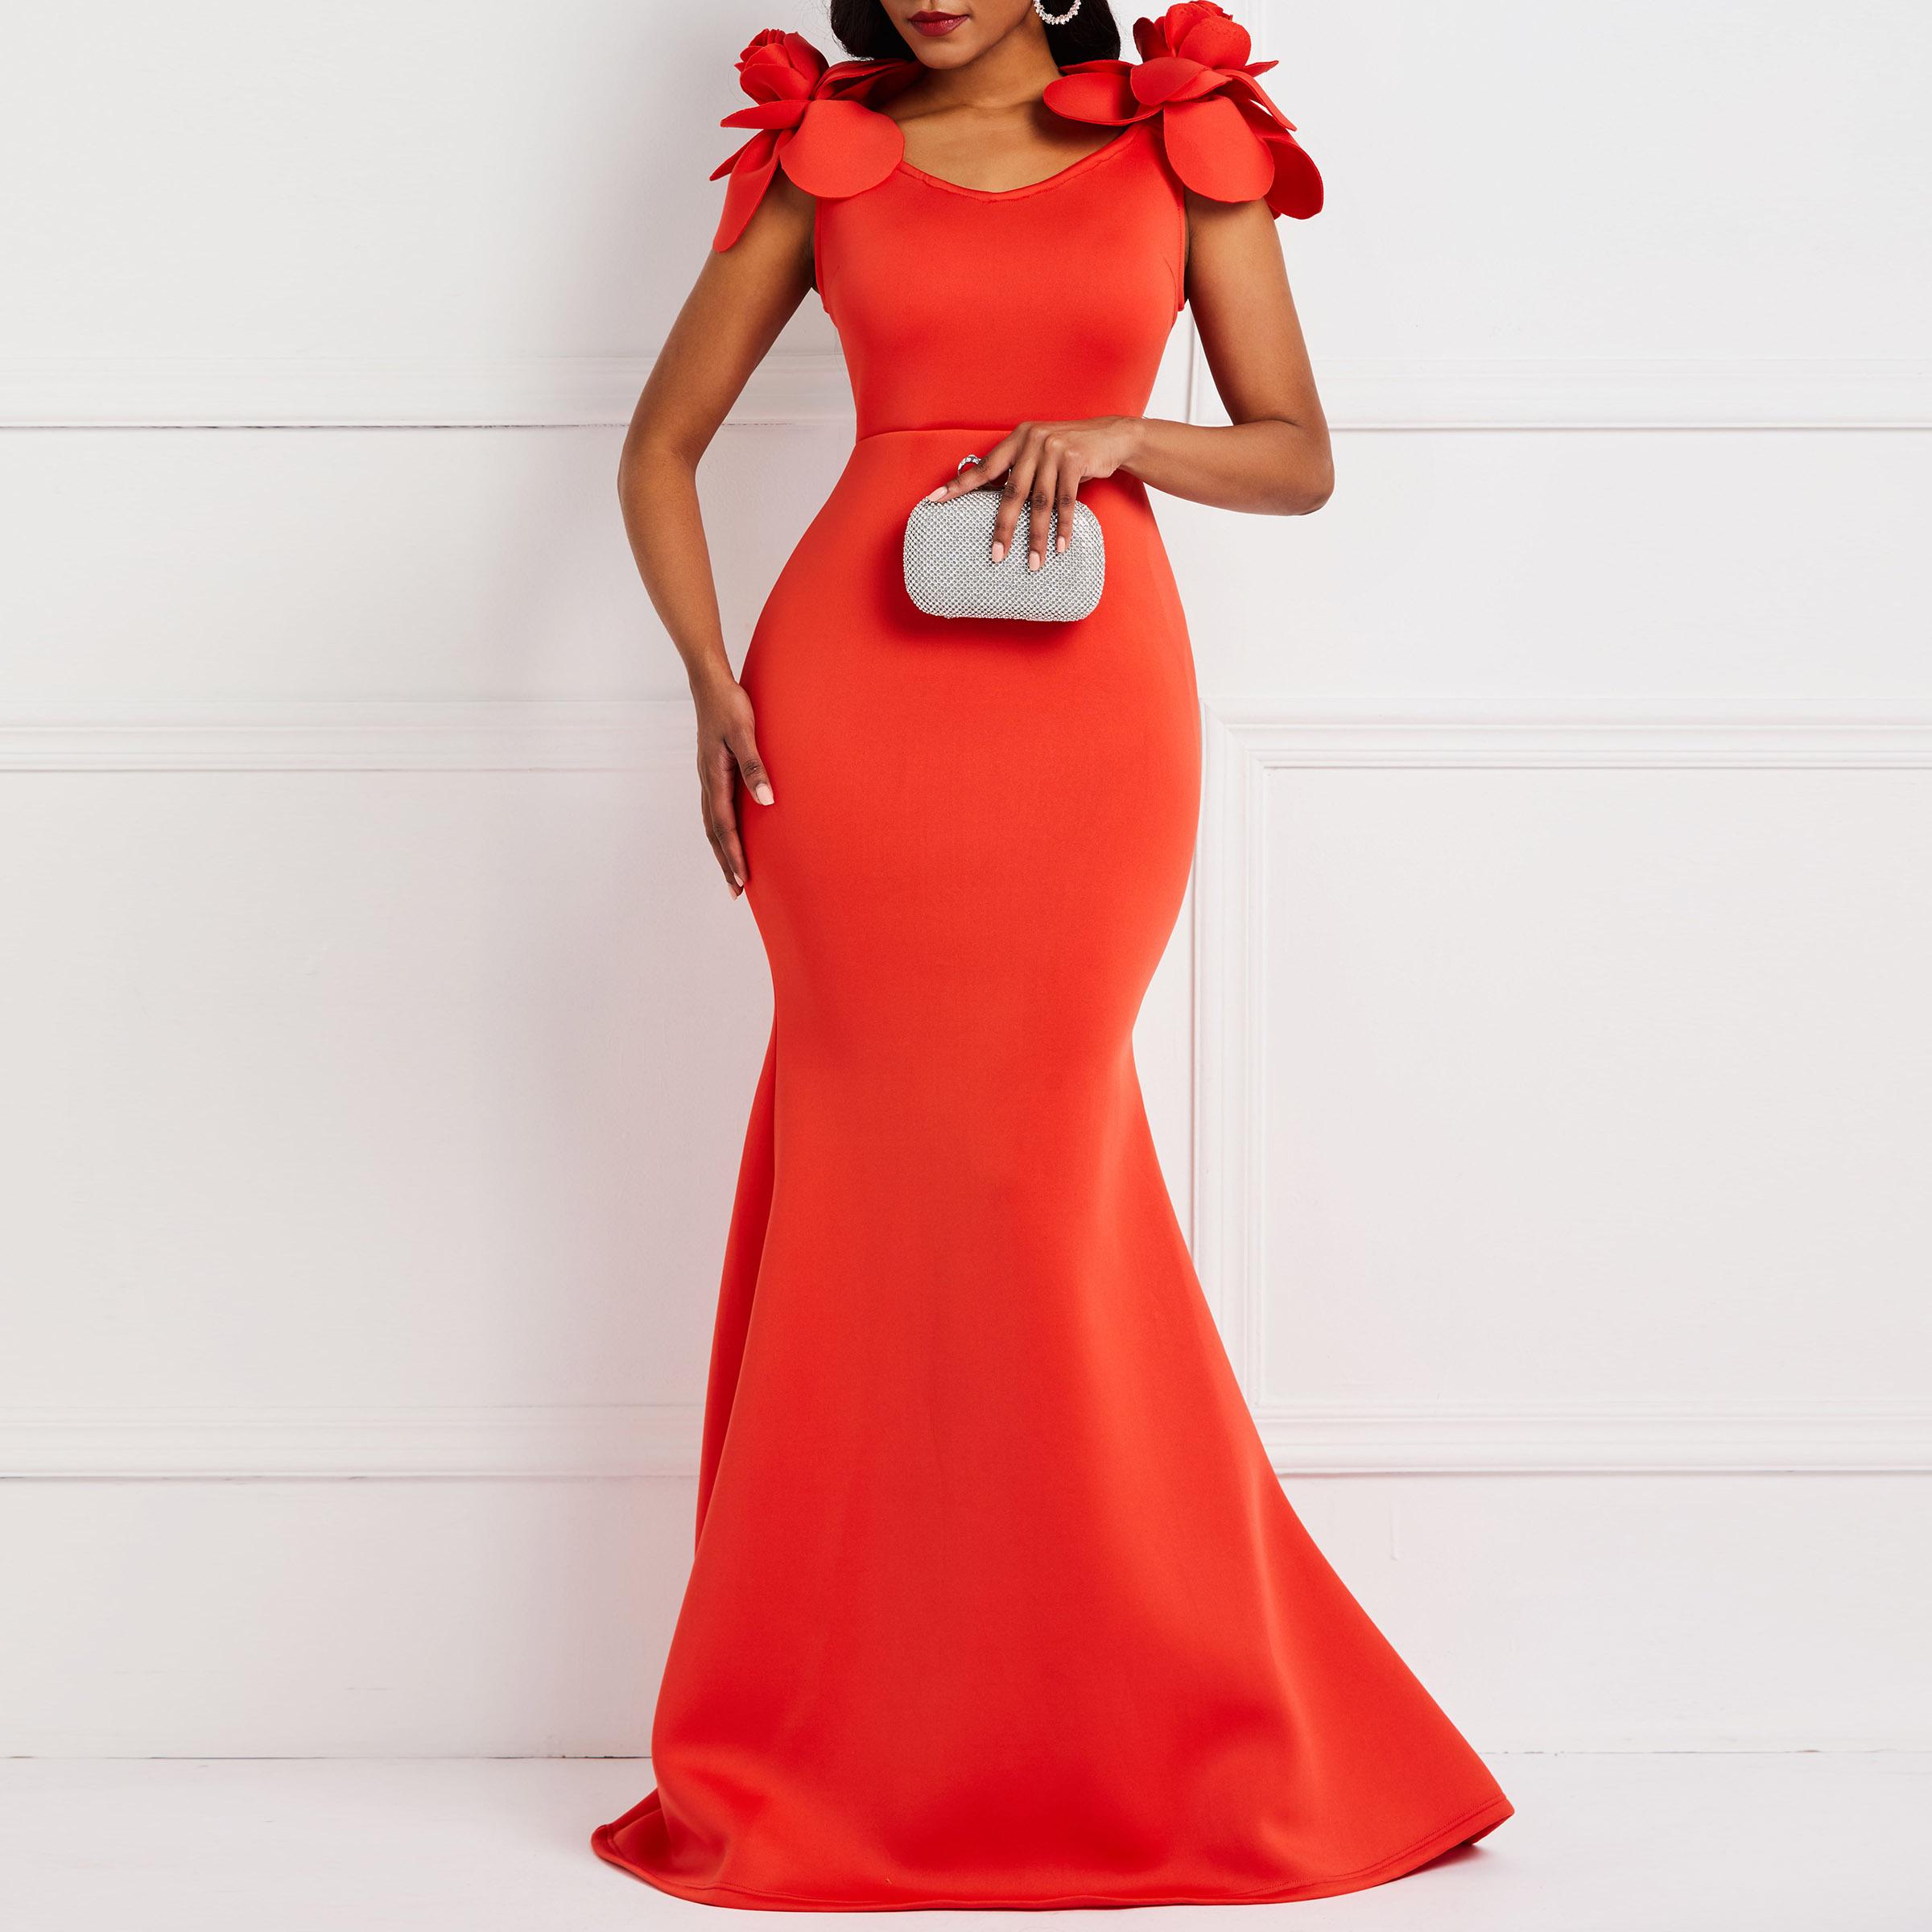 Kadın Giyim'ten Elbiseler'de Clocolor kadınlar seksi elbise bayanlar Retro Mermaid Maxi elbise çiçek yaz zarif şık artı boyutu Bodycon kırmızı uzun parti elbiseler title=